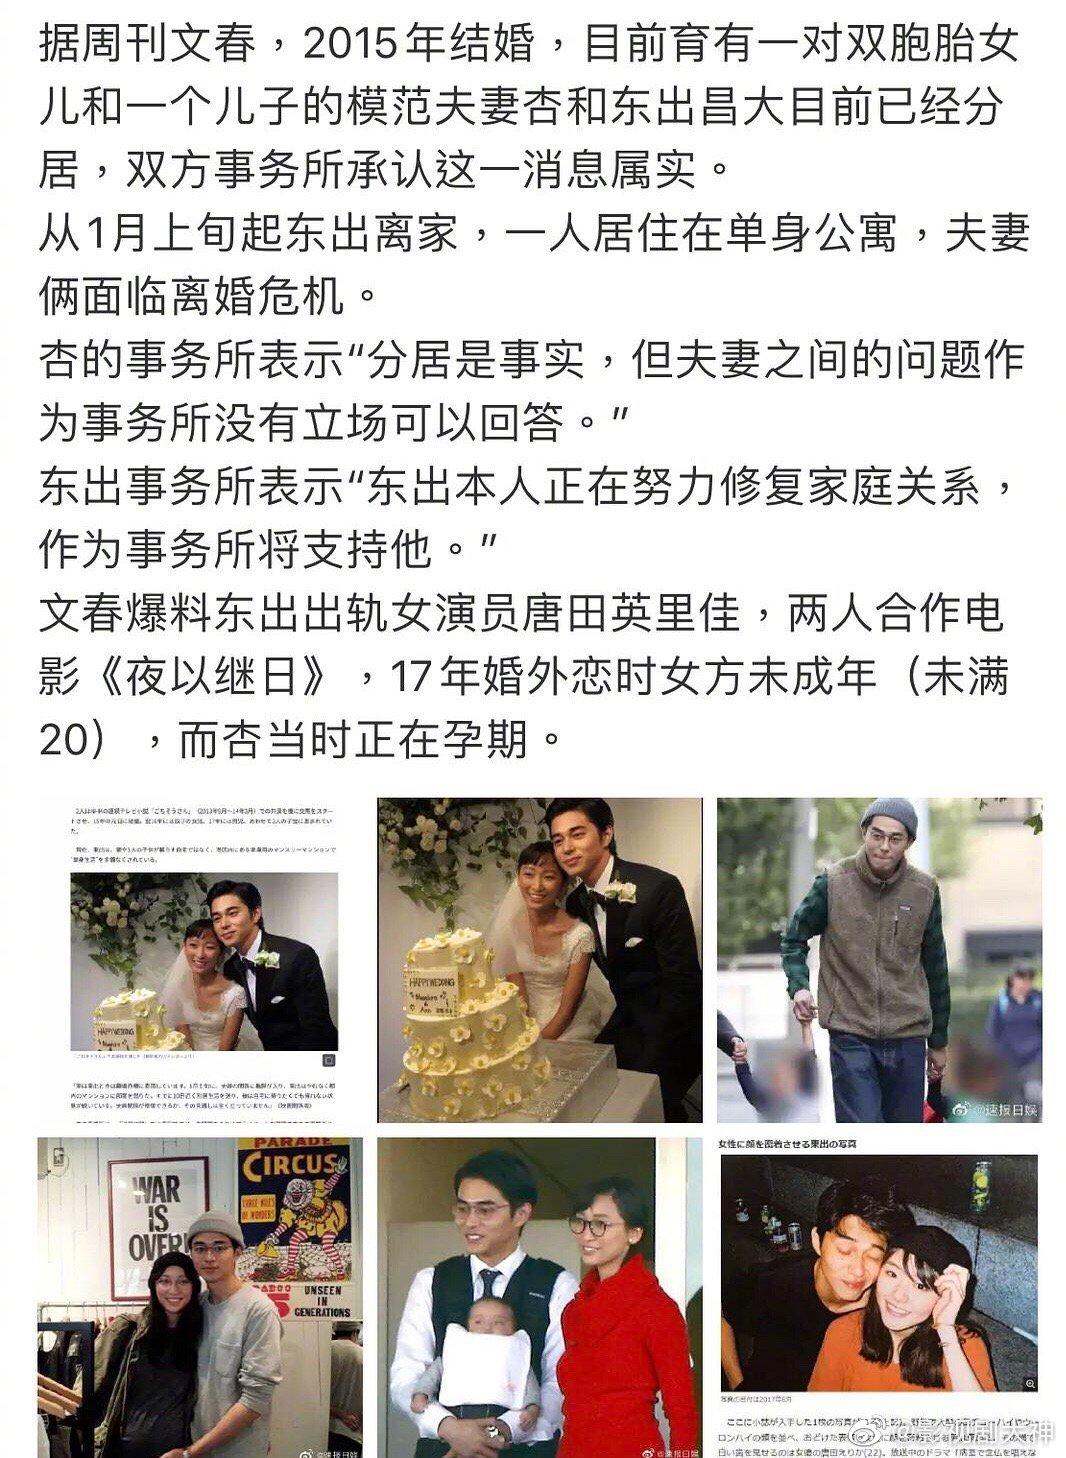 日媒爆料东出昌大和渡边杏正在分居中,夫妻俩面临离婚危机